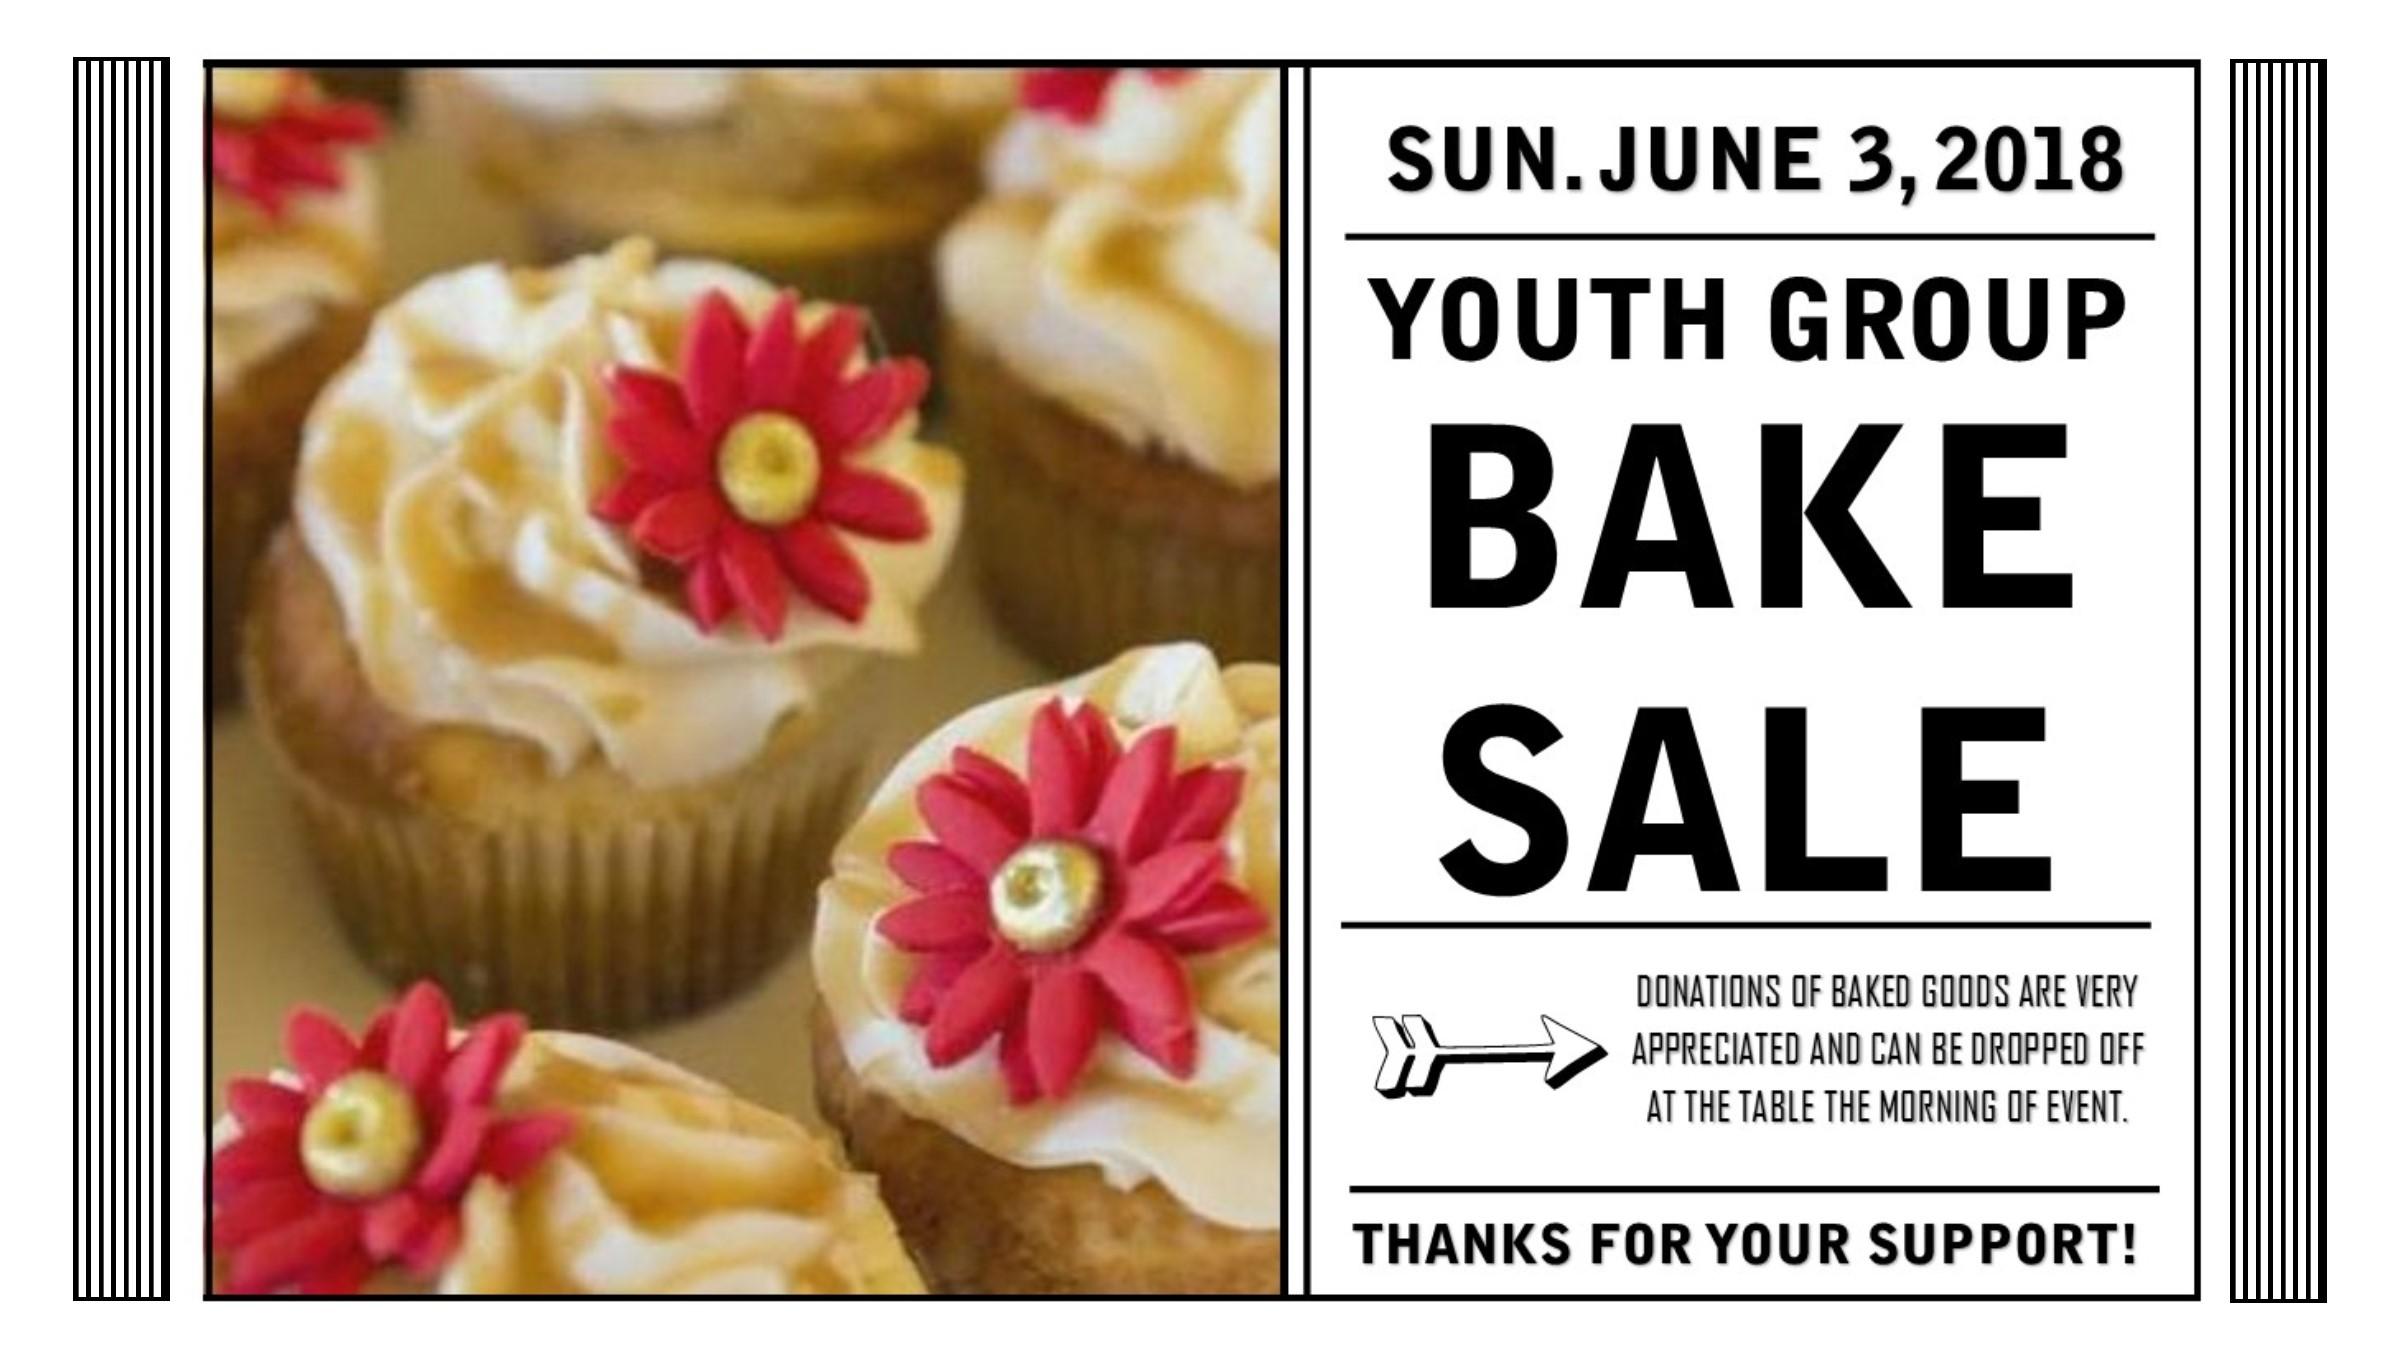 YG Bake Sale 6-2018 EW-WEB.jpg